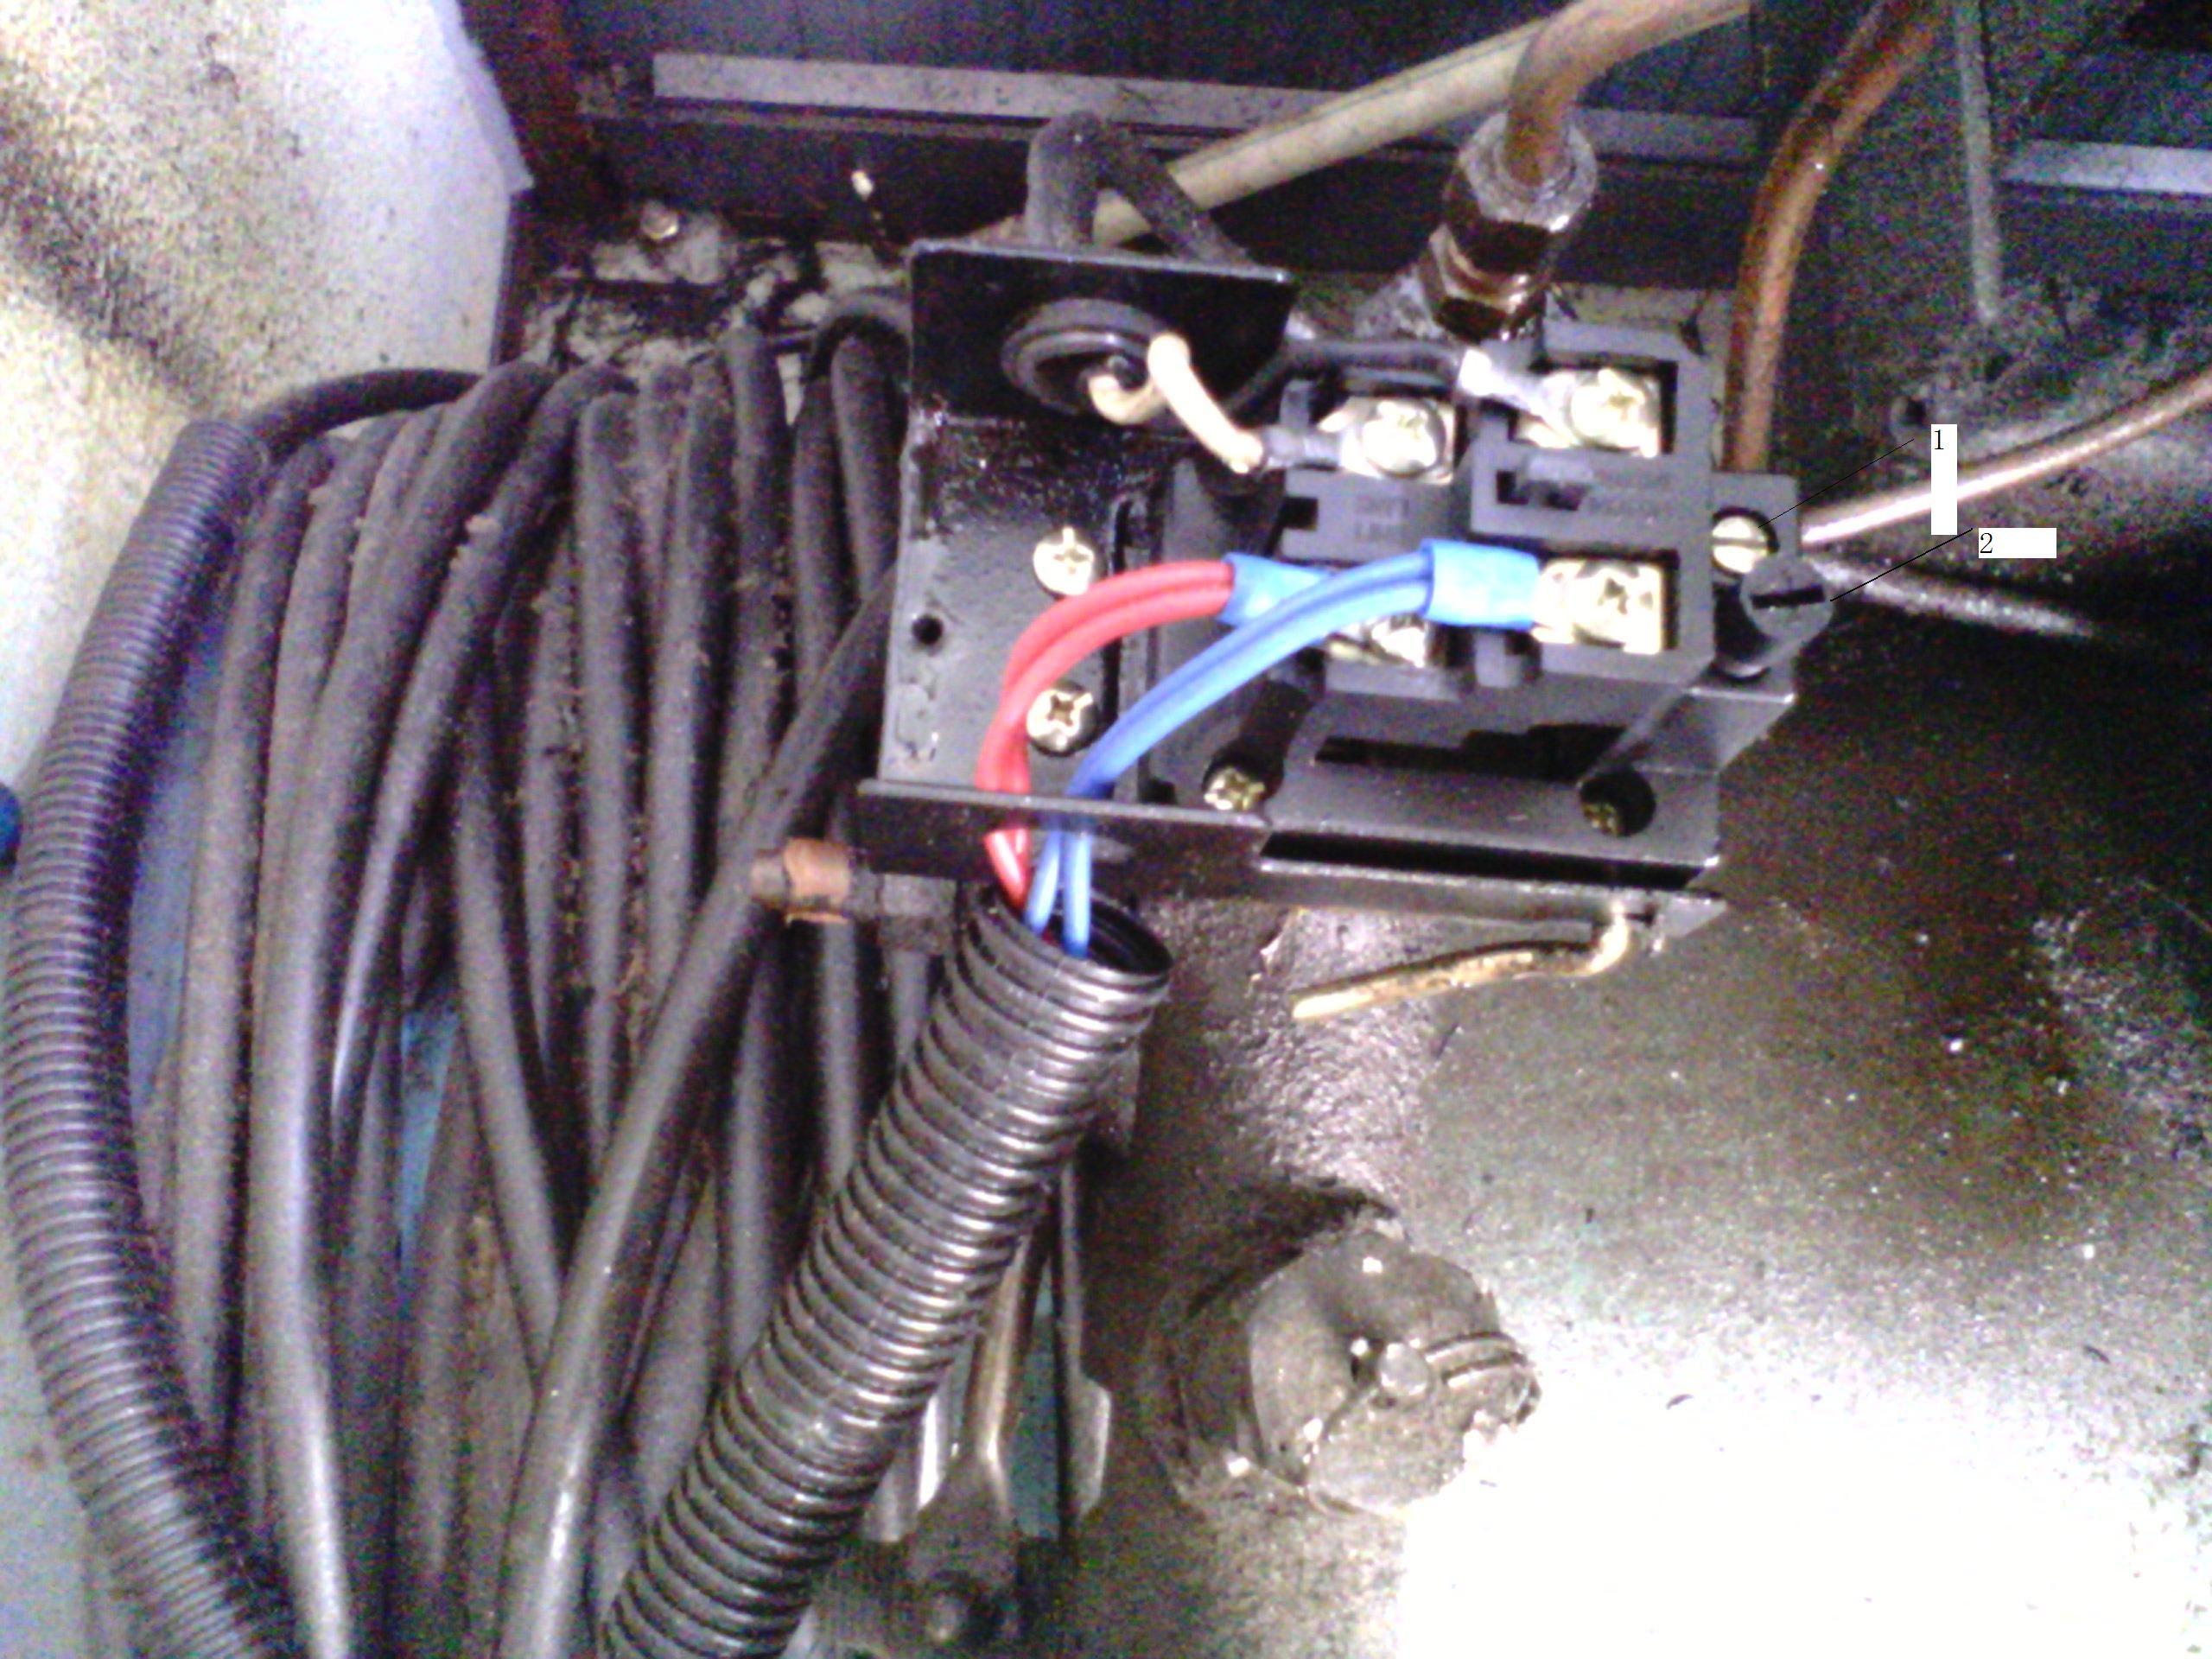 怎样调活塞式空压机的压力上限值和下限值?图片